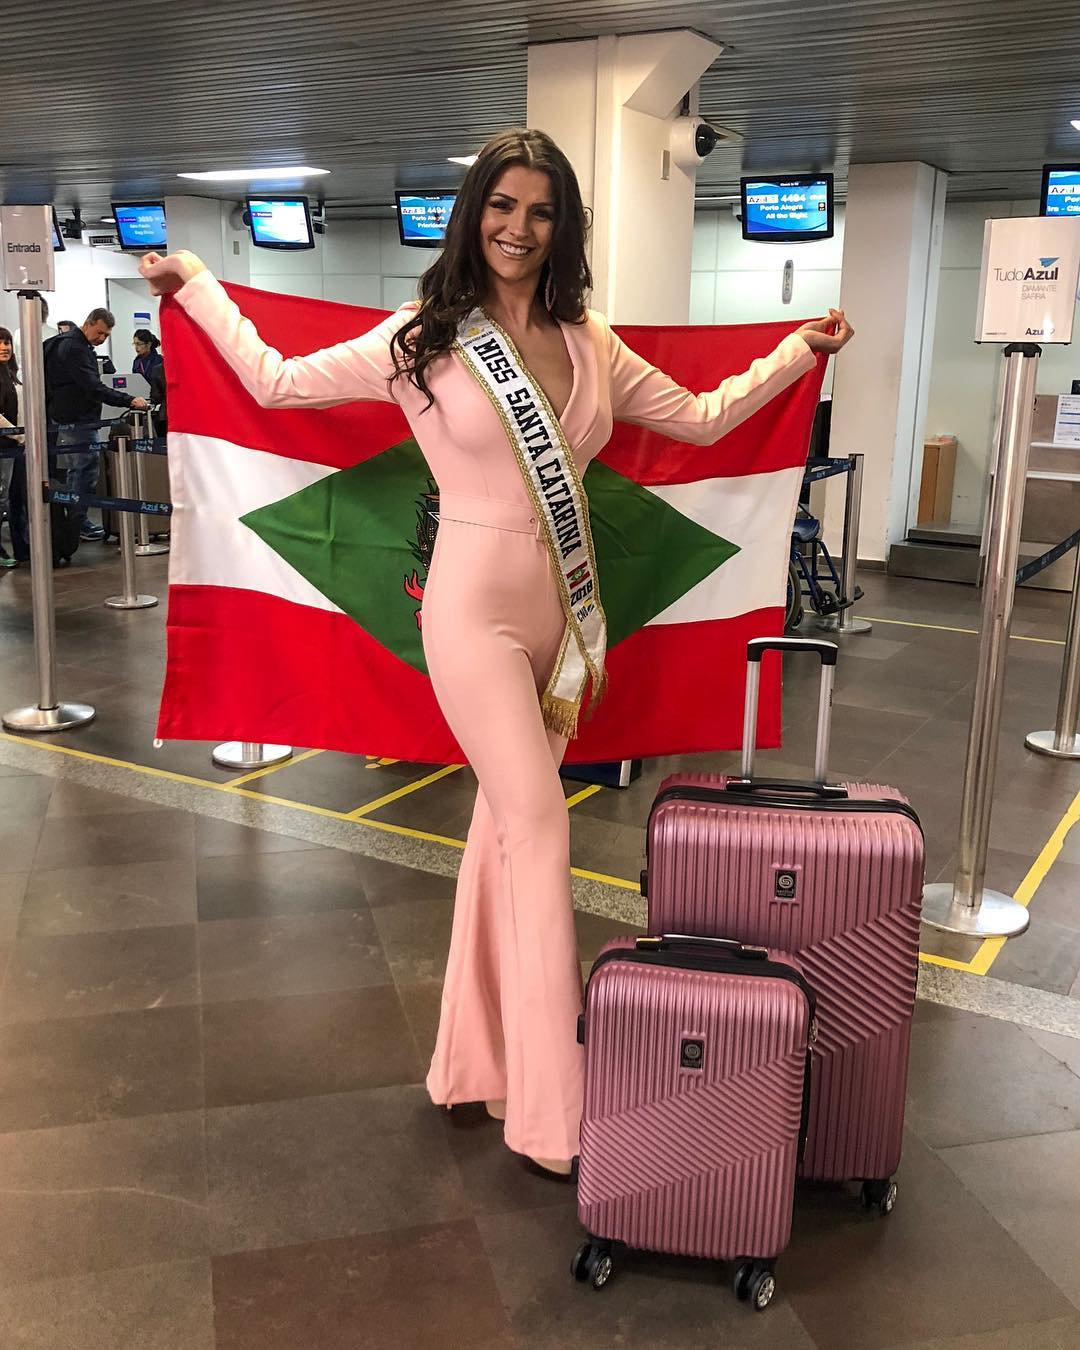 thylara brenner, miss brasil continentes unidos 2019. - Página 2 38776710